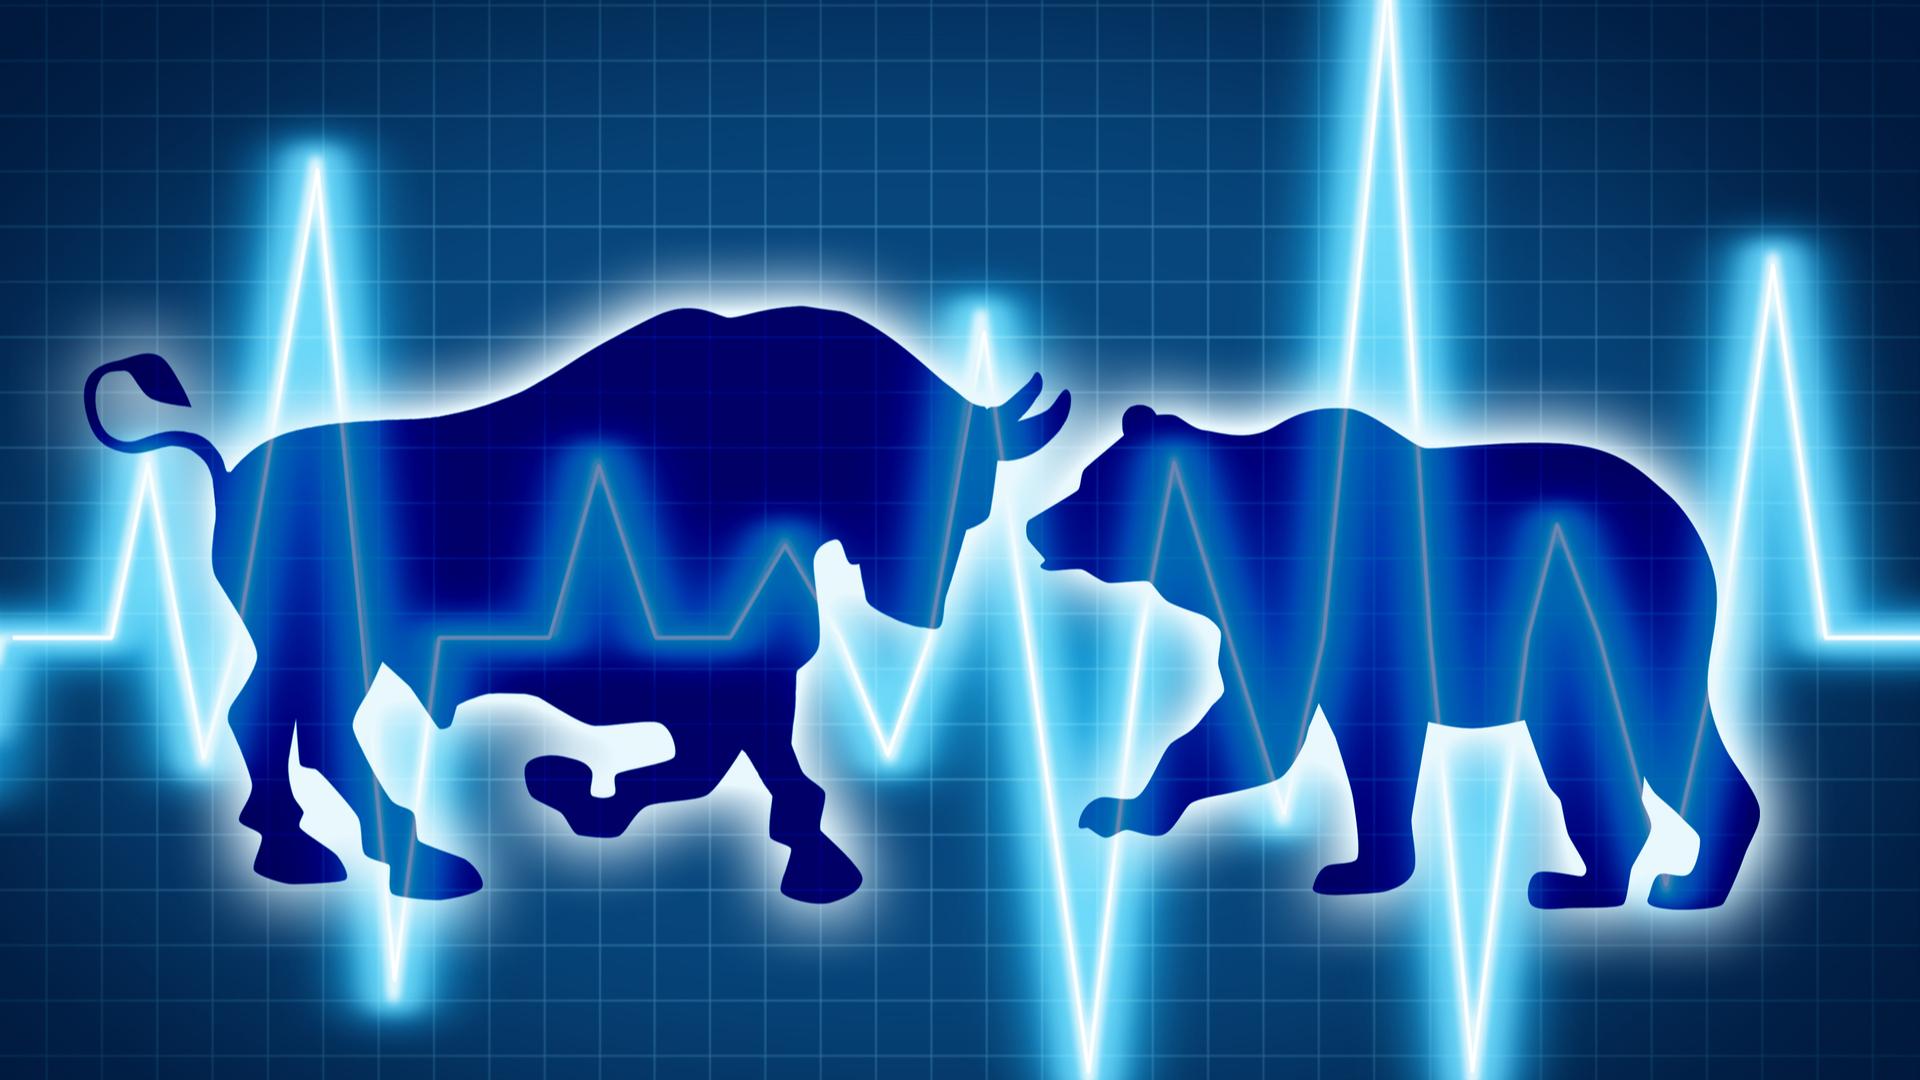 Touro e urso simbolizam os comprados e vendidos nos mercados